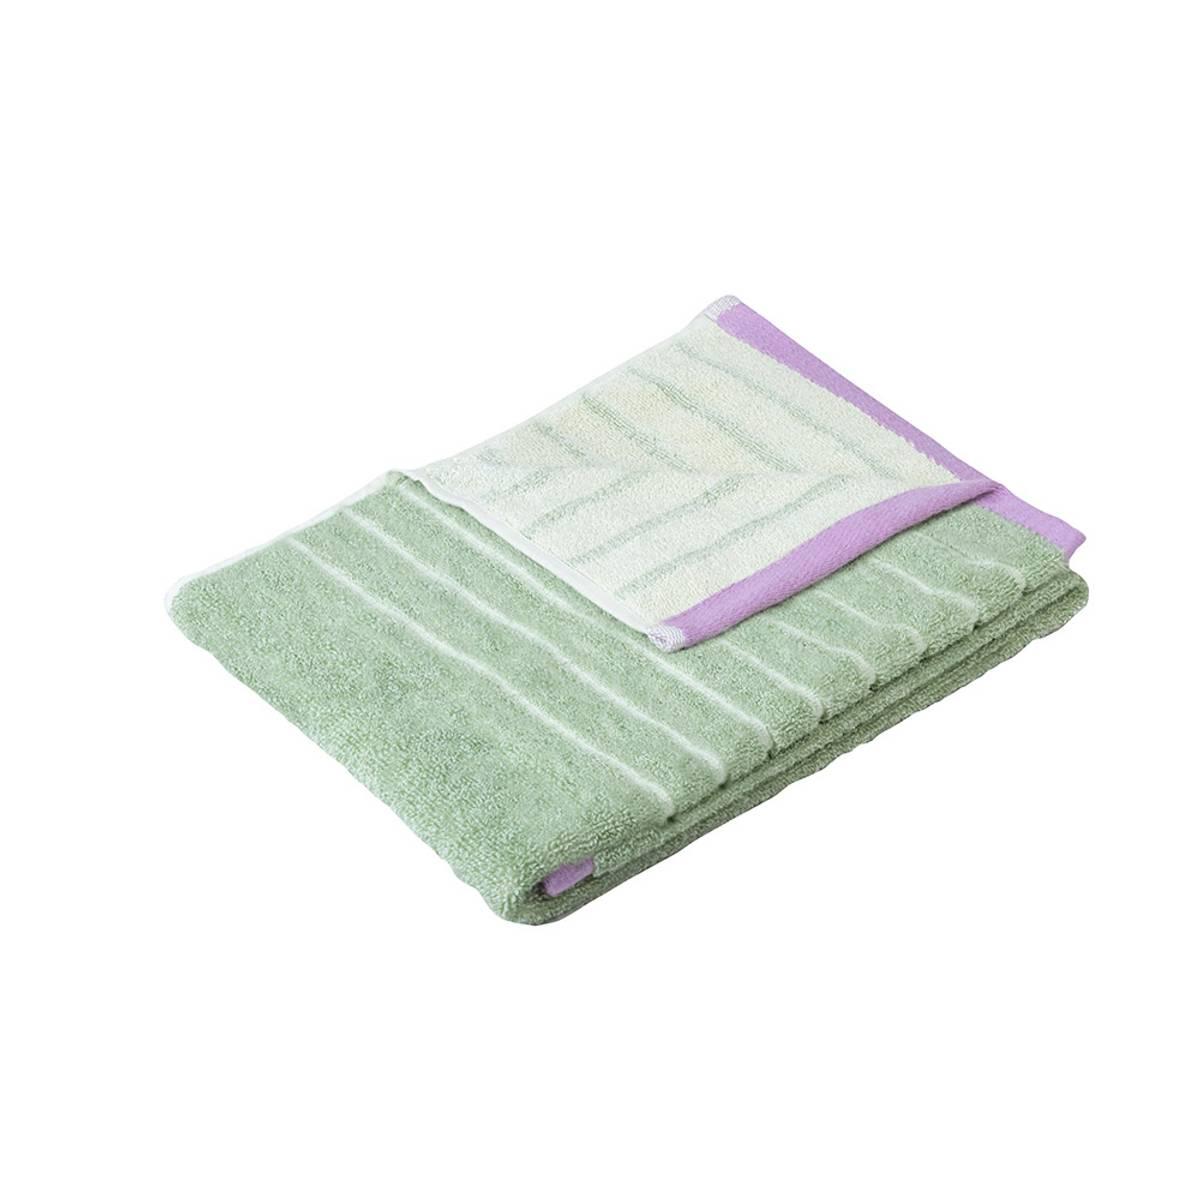 Håndkle i grønn - 2 størrelser - Hübsch